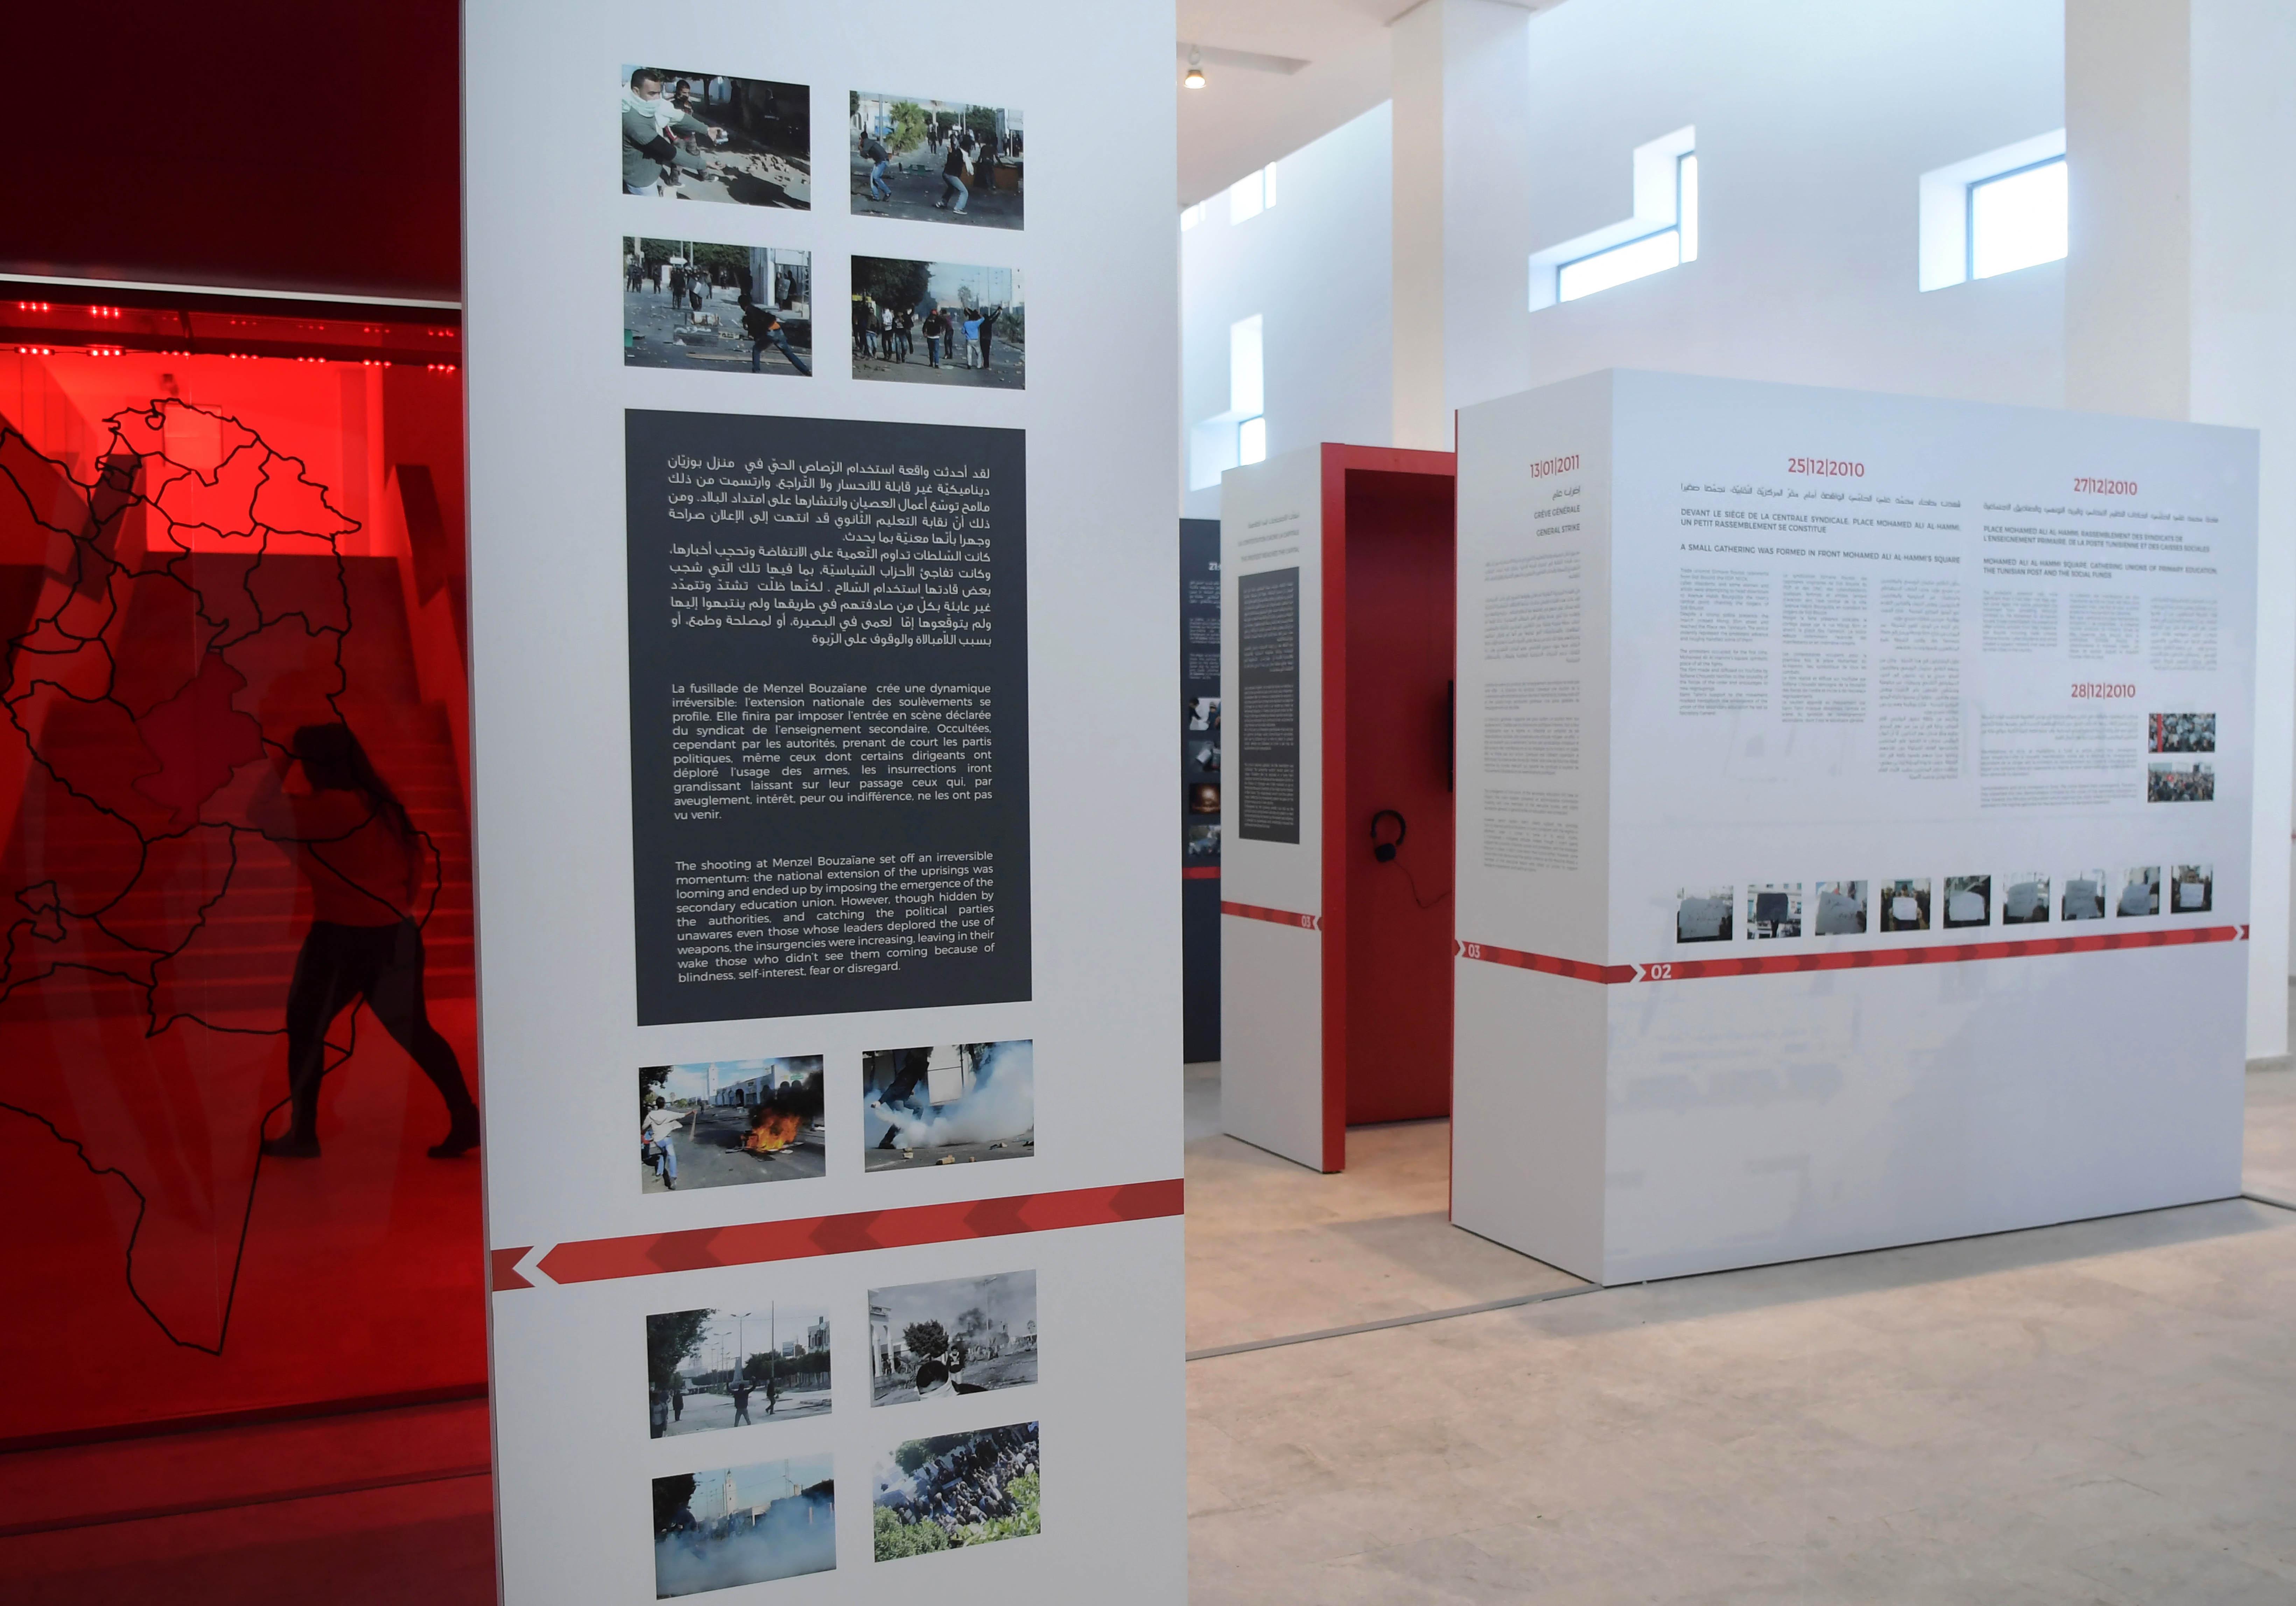 """جانب من معرض """"ثورة 2011"""" بمتحف باردو"""